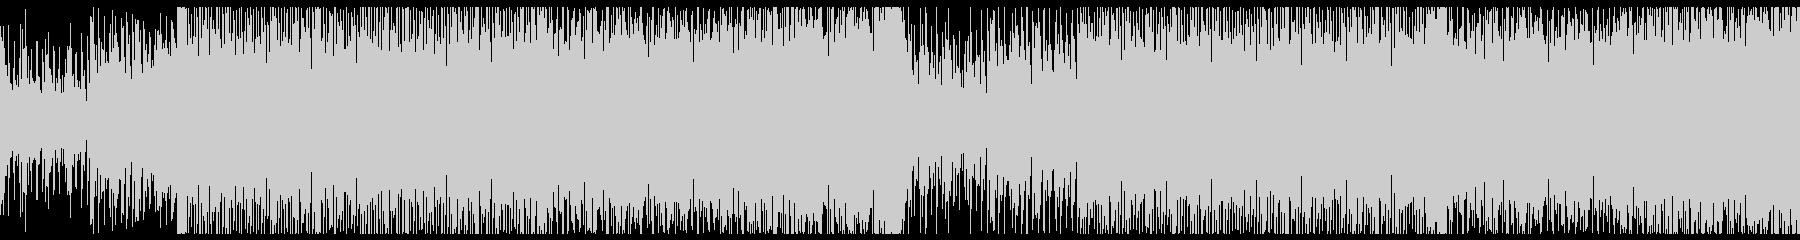 バイオリンメインの壮大な4つ打ちの未再生の波形